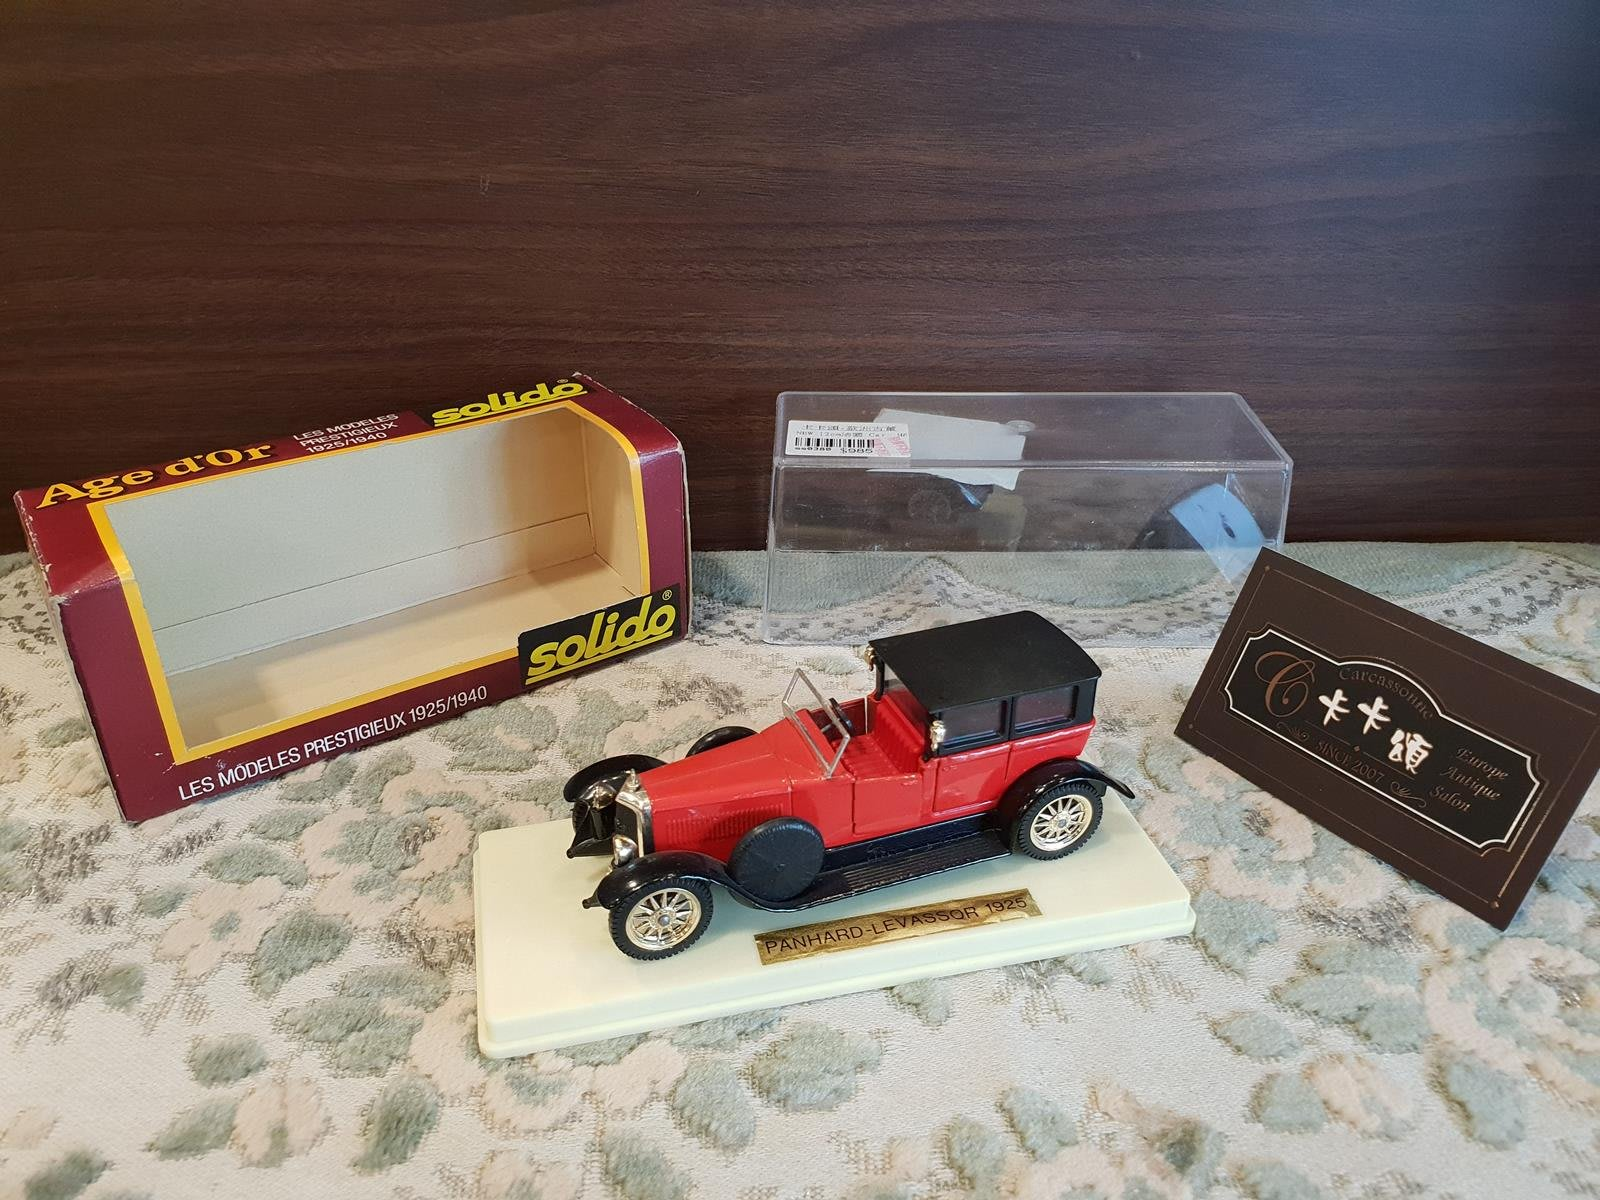 【卡卡頌 歐洲跳蚤市場/歐洲古董】法國solido_panhard-levassor 盒裝古董汽車模型玩具 ss0380